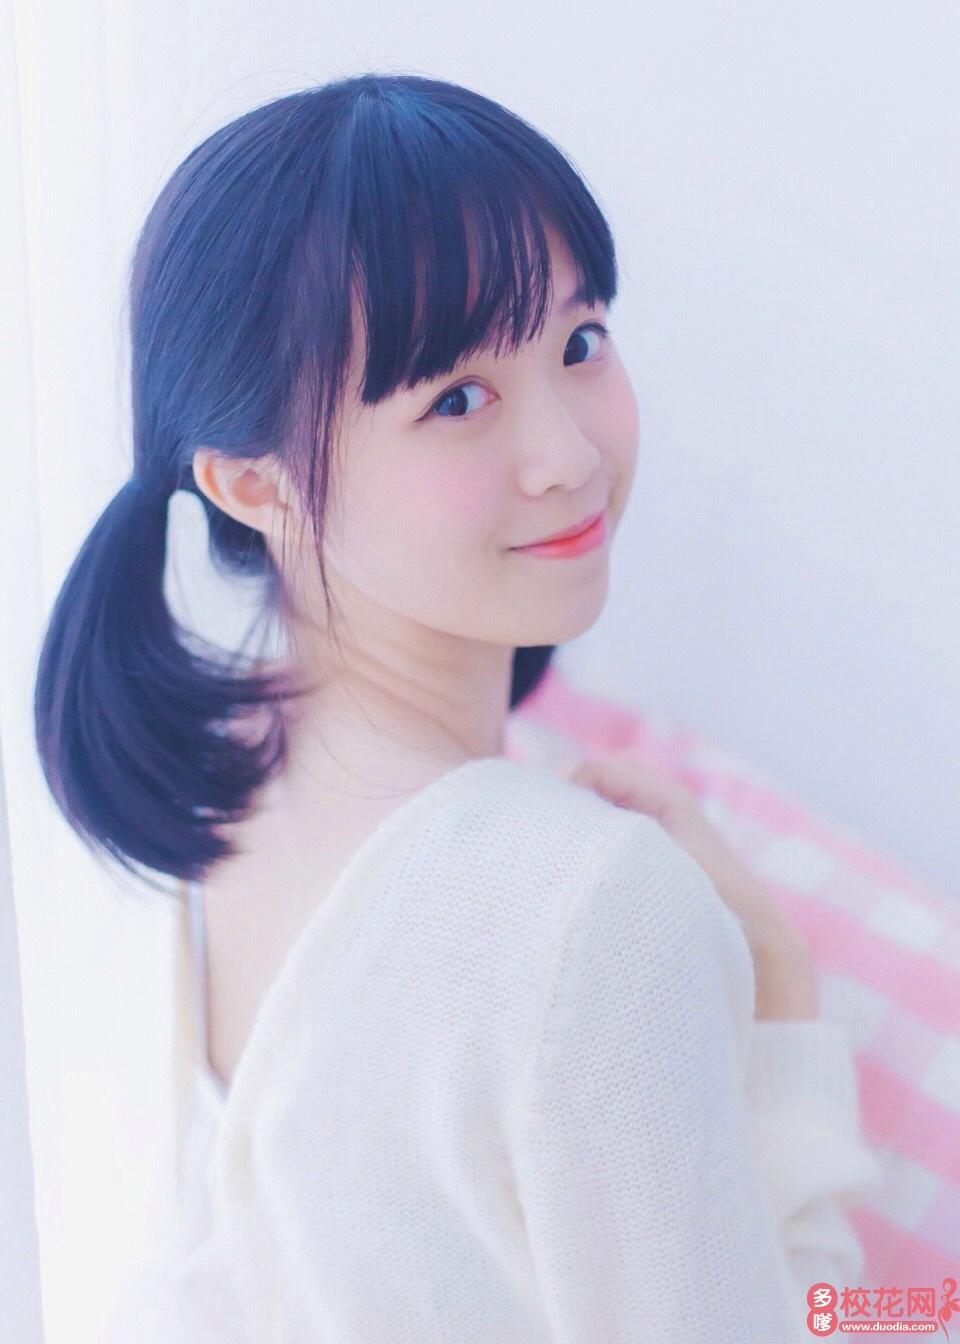 山西财经大学华商学院2019级校花黄诗澜